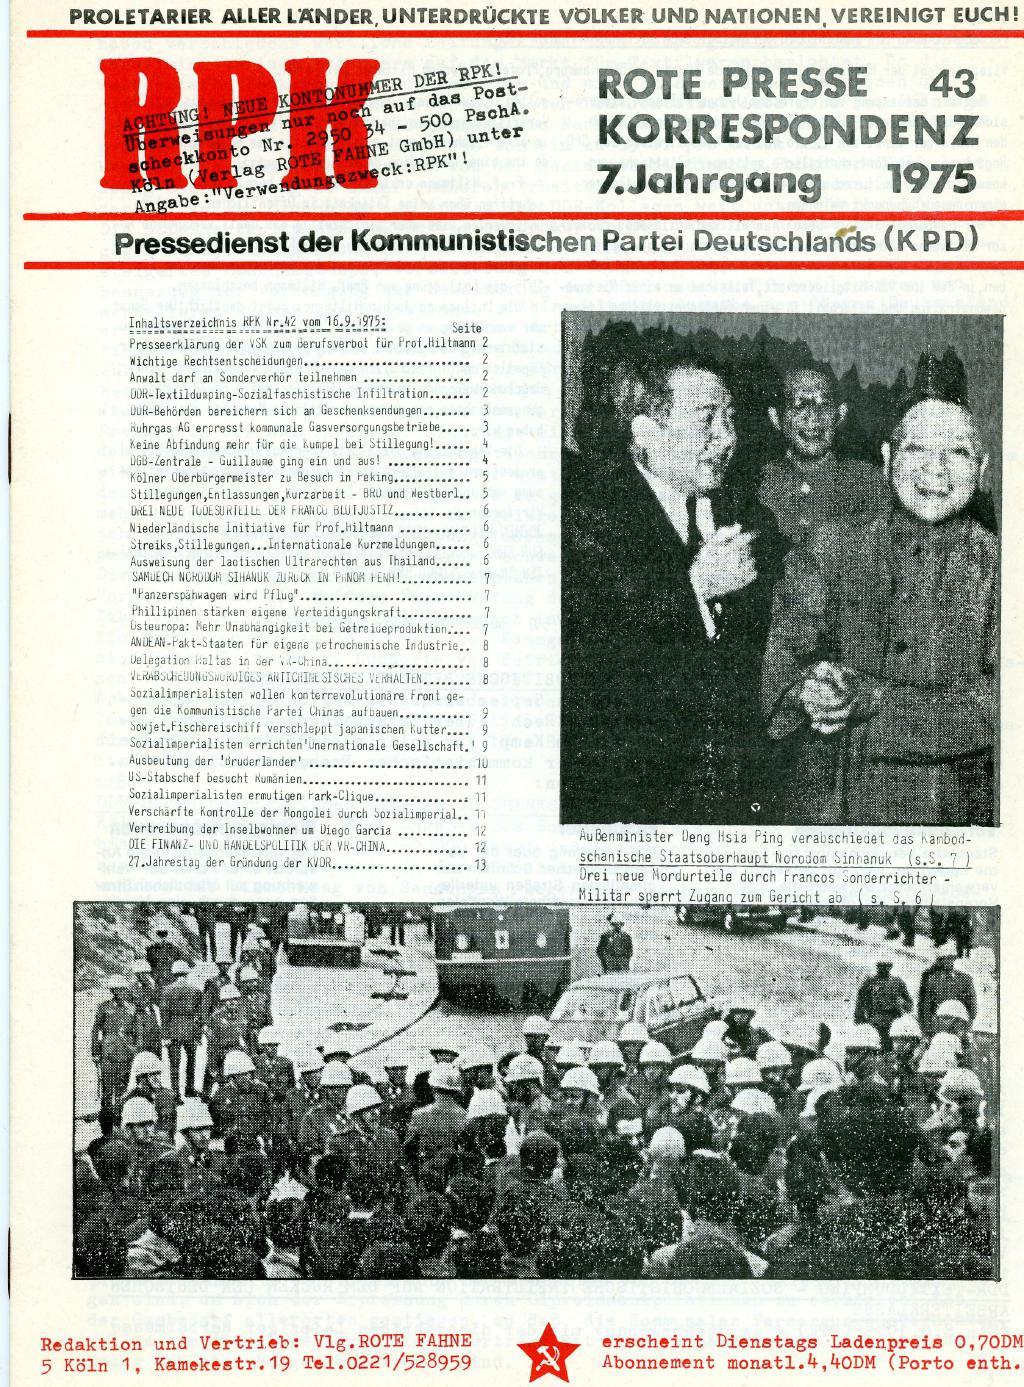 RPK_Pressedienst_1975_43_01